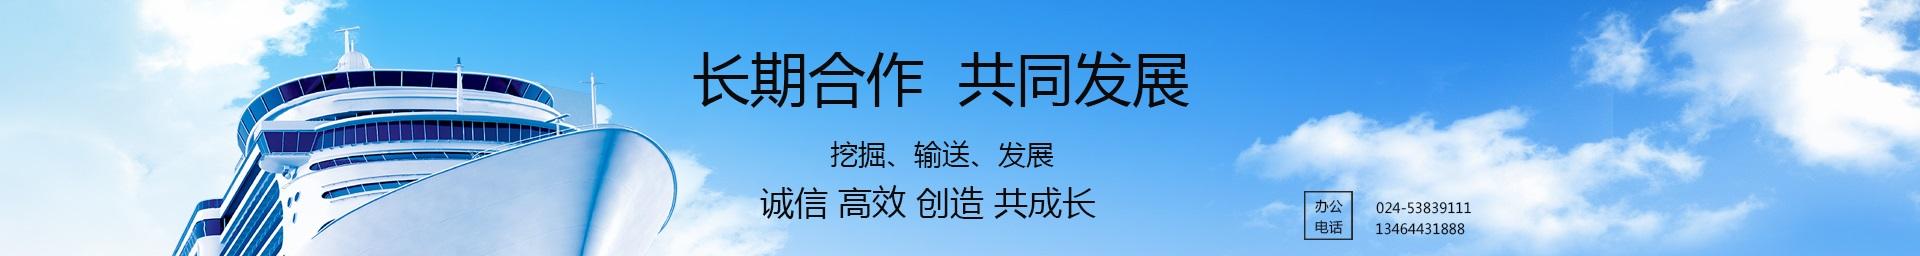 辽宁海员招募-海乘输送机构